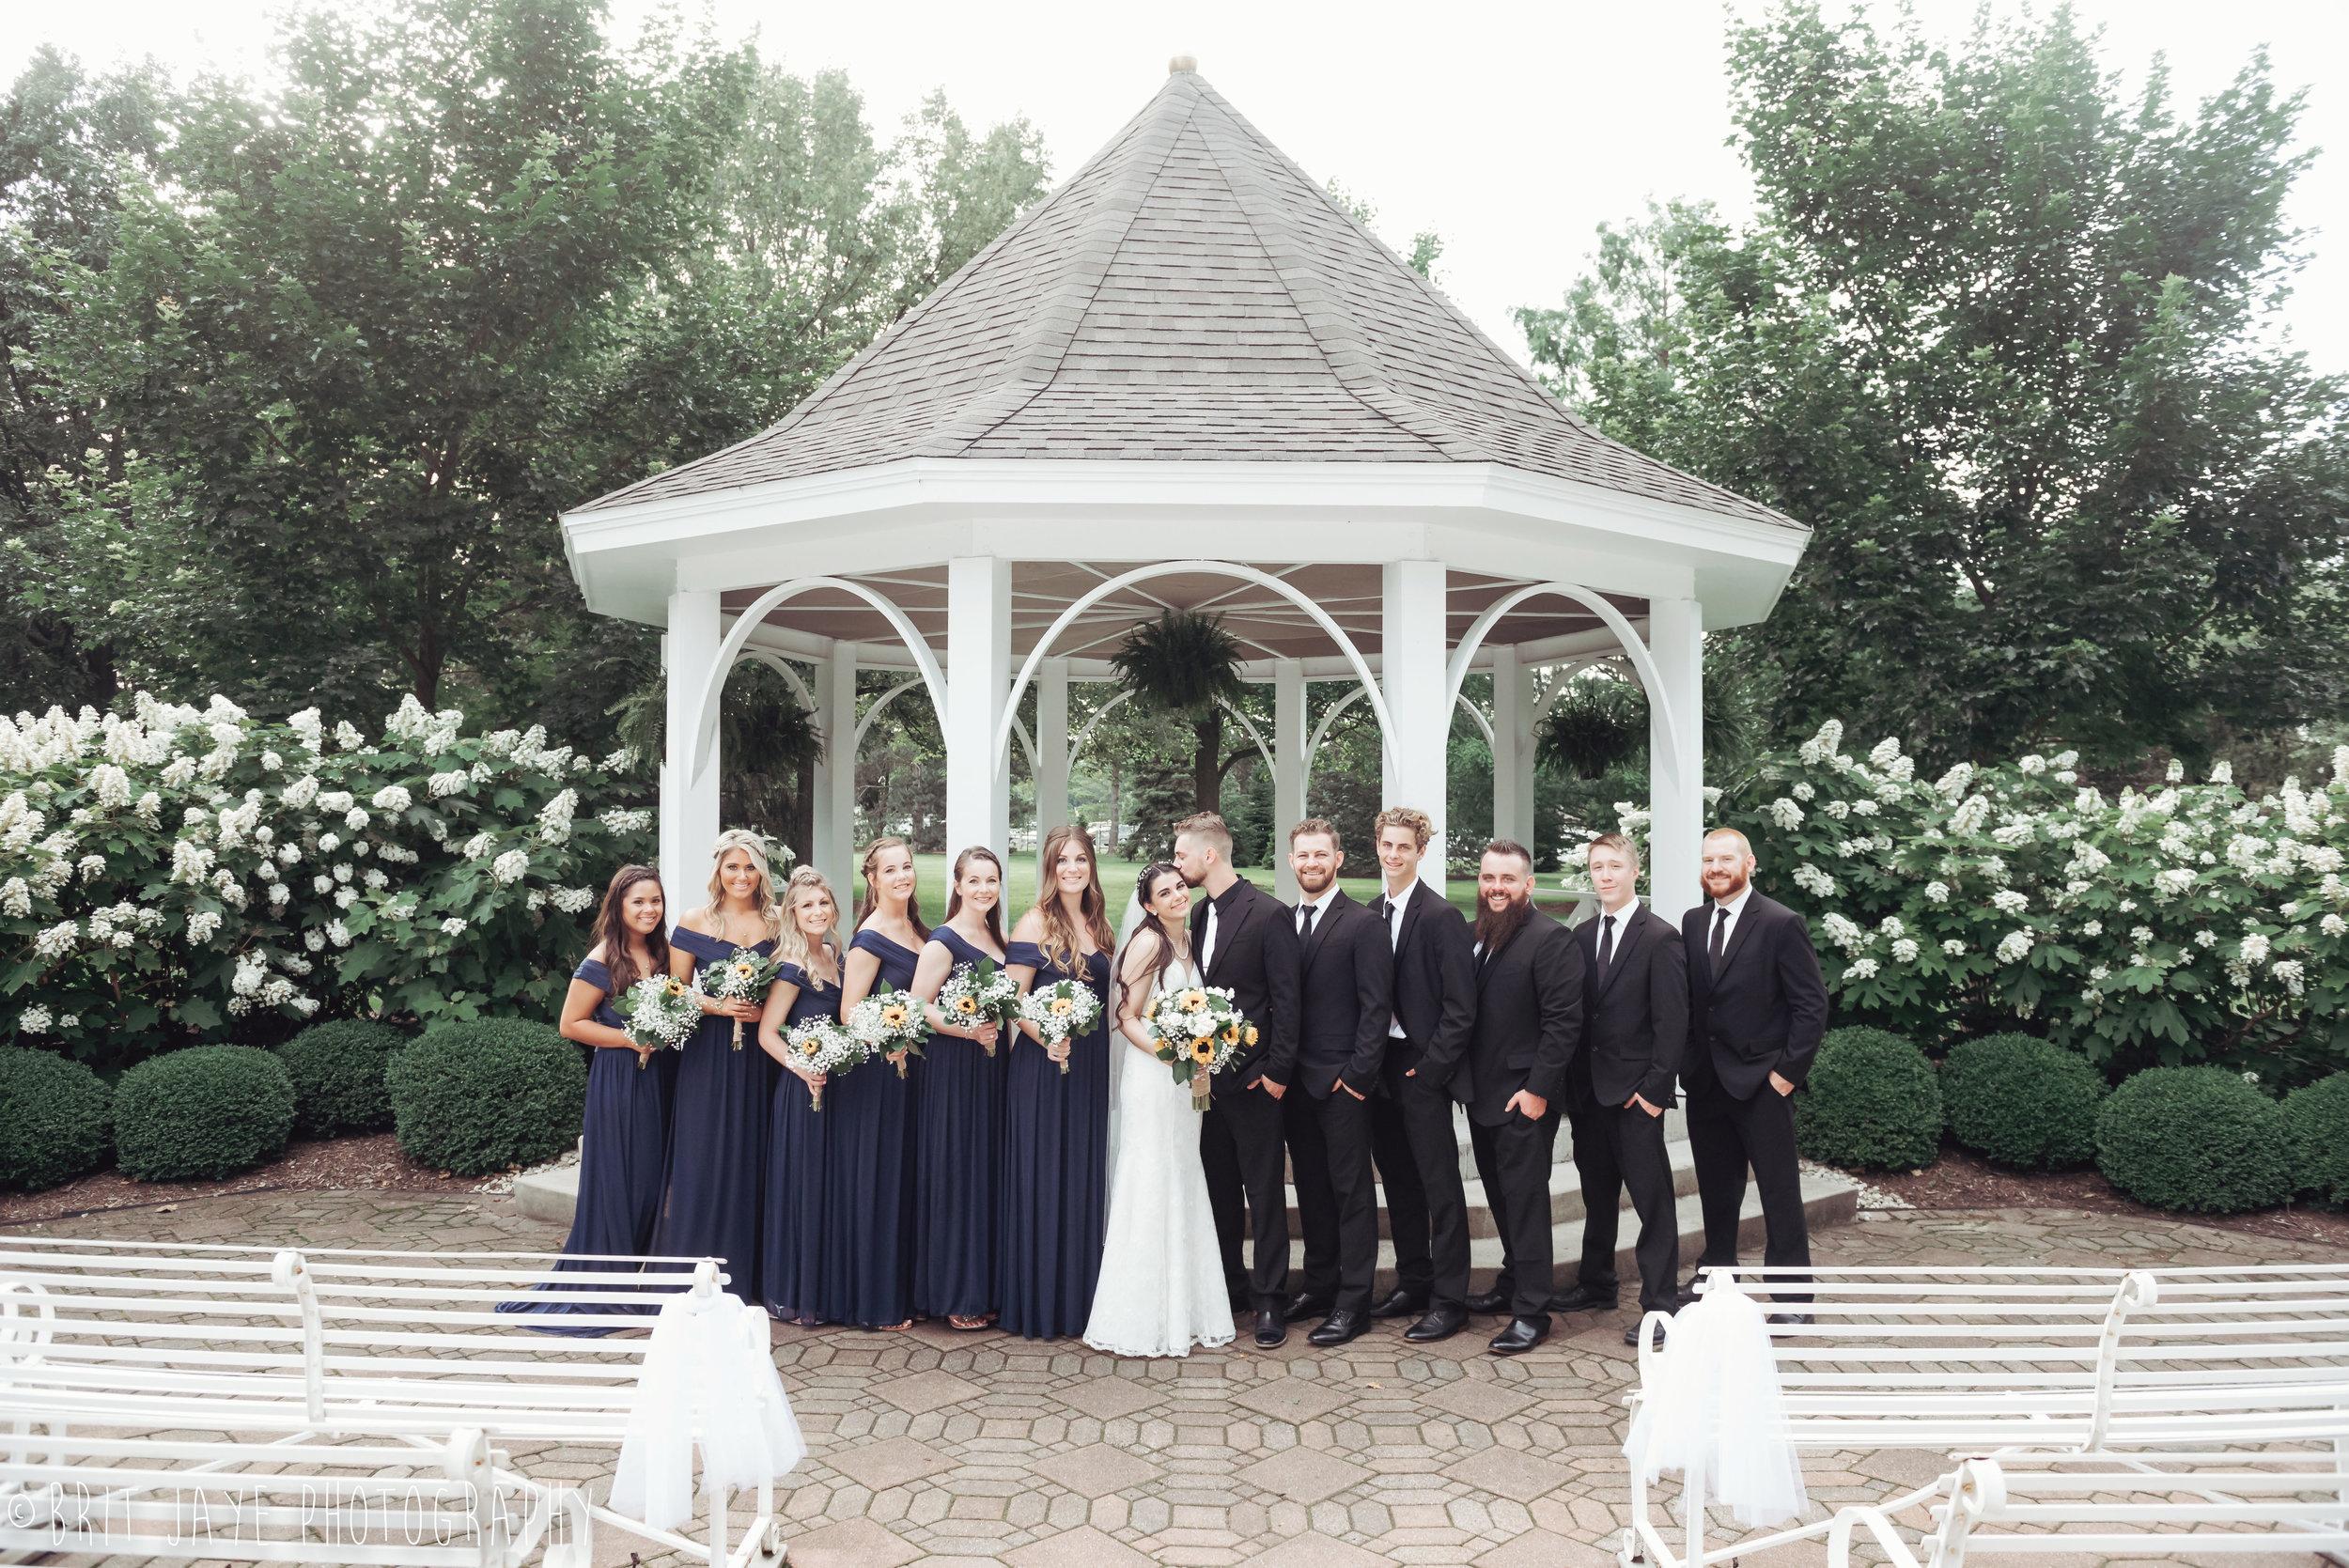 Polen_Farm_Summer_Wedding_Dayton_Ohio-93.jpg